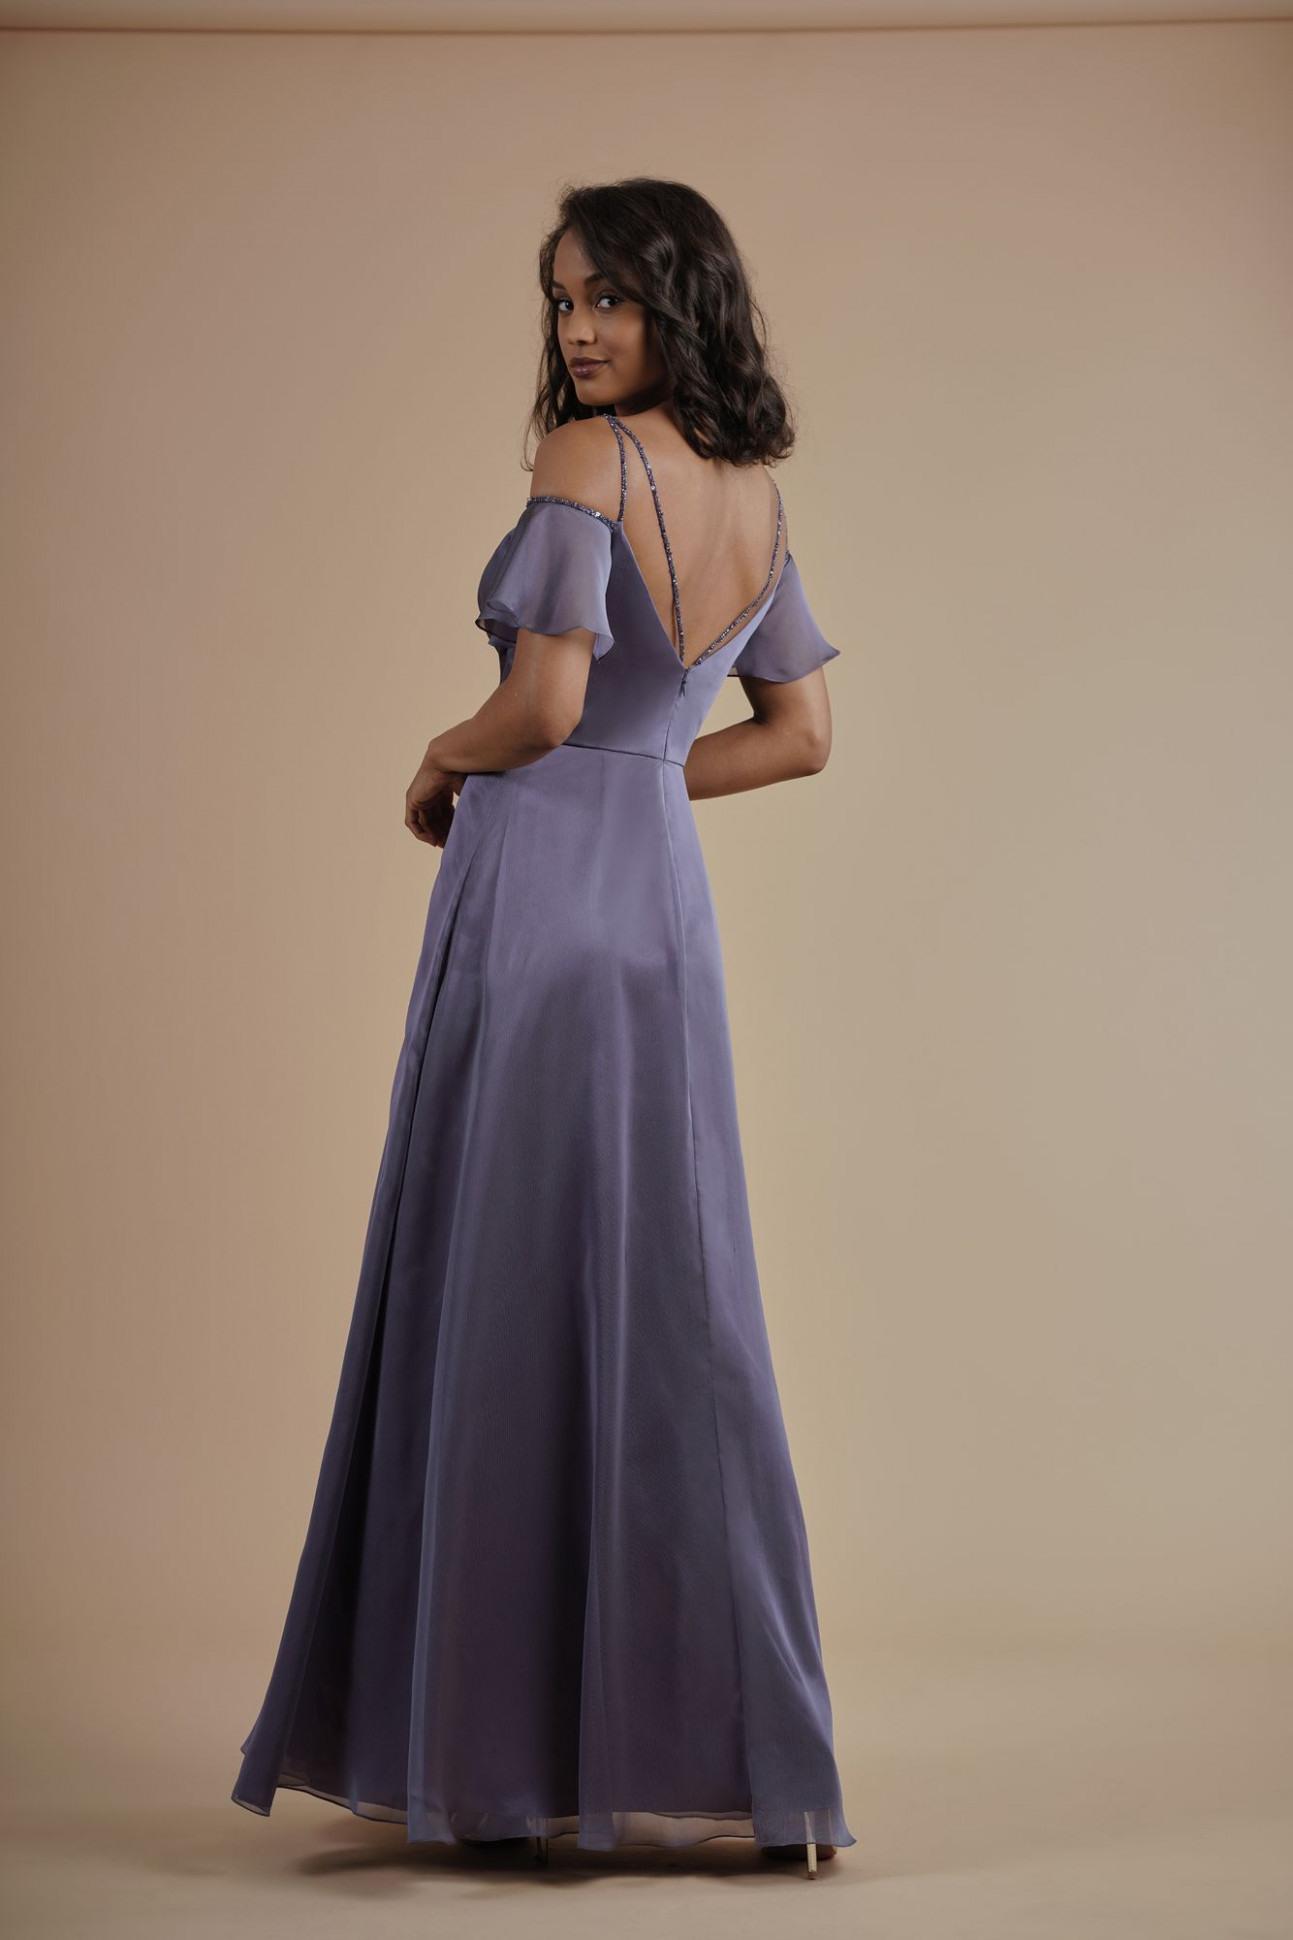 Abend Coolste Reduzierte Abendkleider Spezialgebiet10 Coolste Reduzierte Abendkleider Stylish